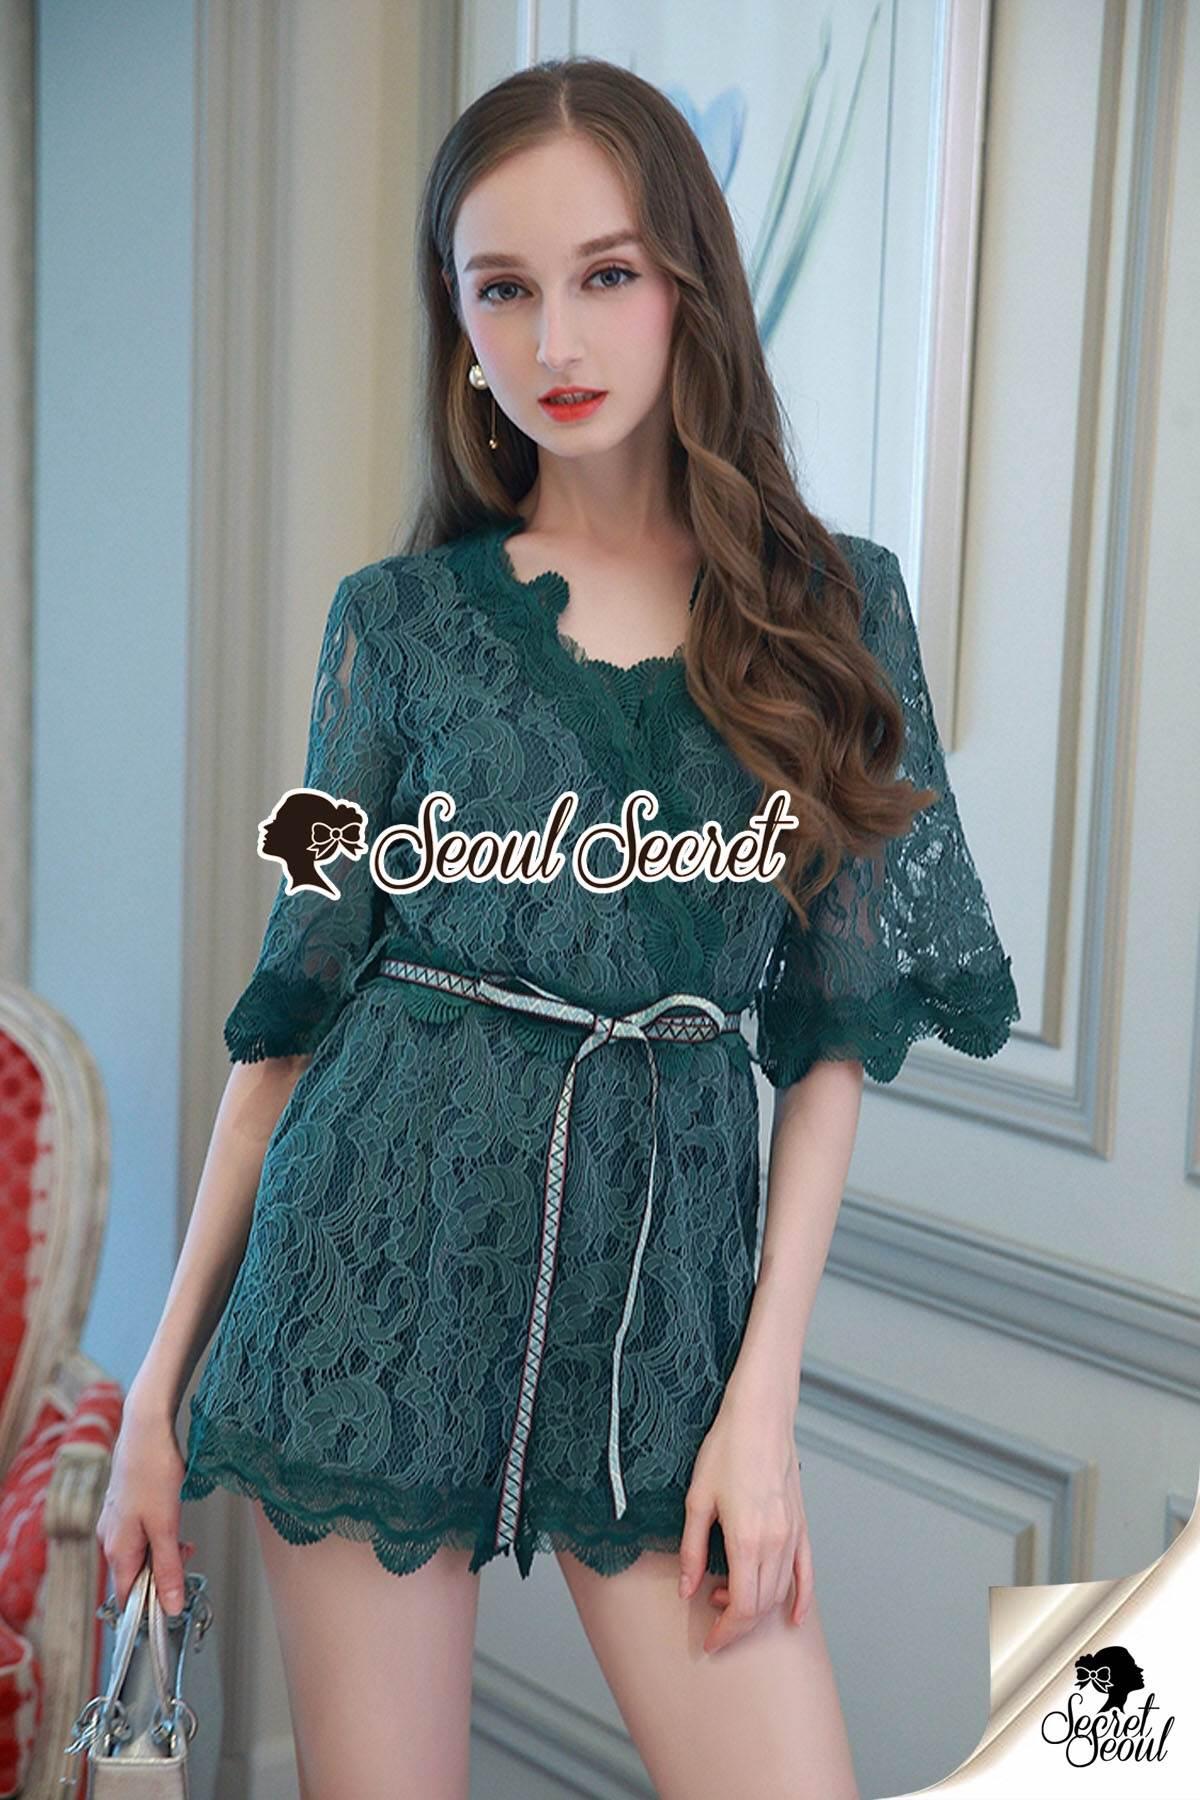 Seoul Secret Say's... Whiffle Rim Lace Murky Color Playsuit